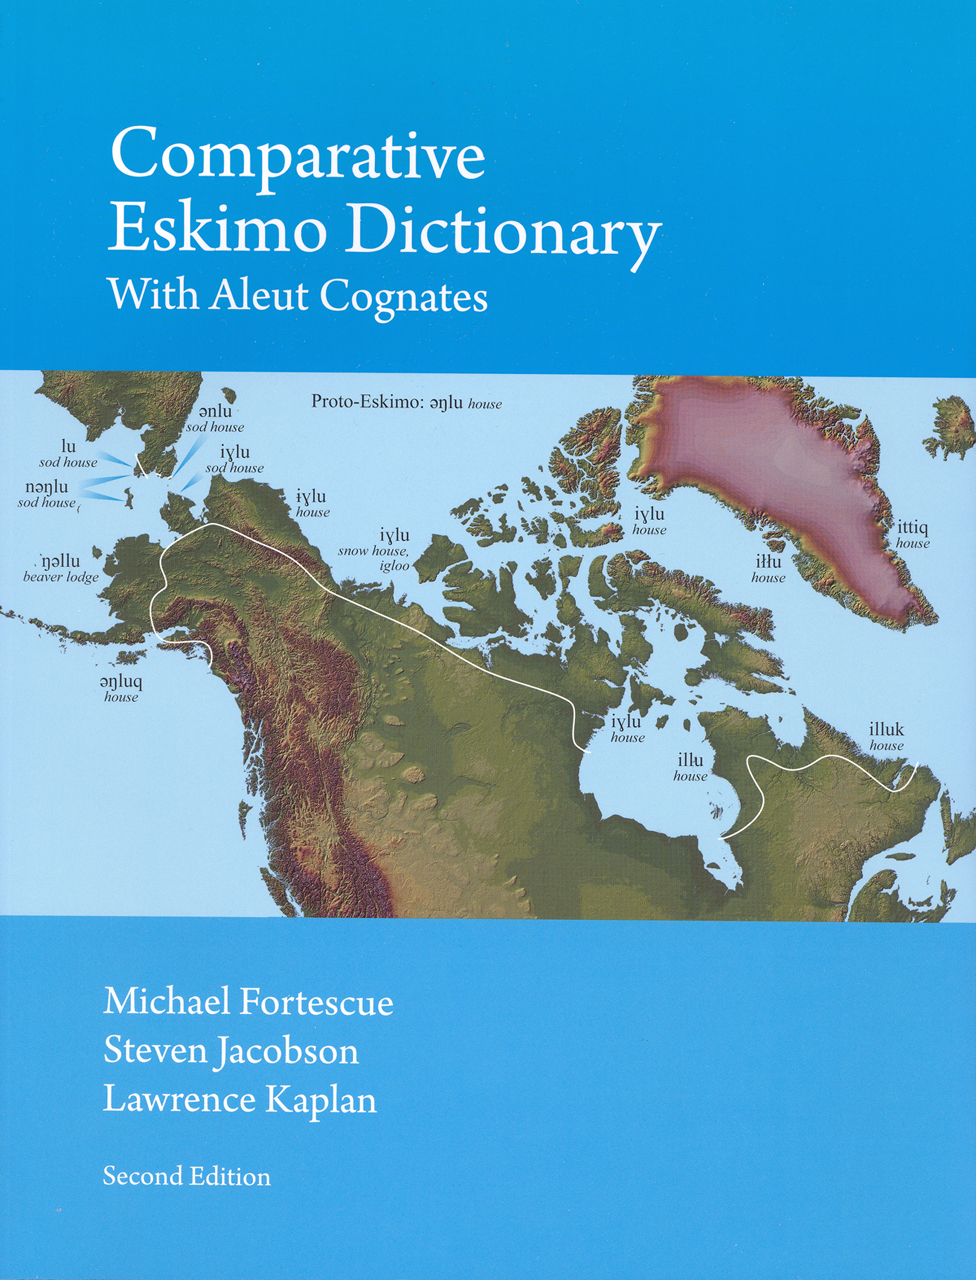 Comparative Eskimo Dictionary